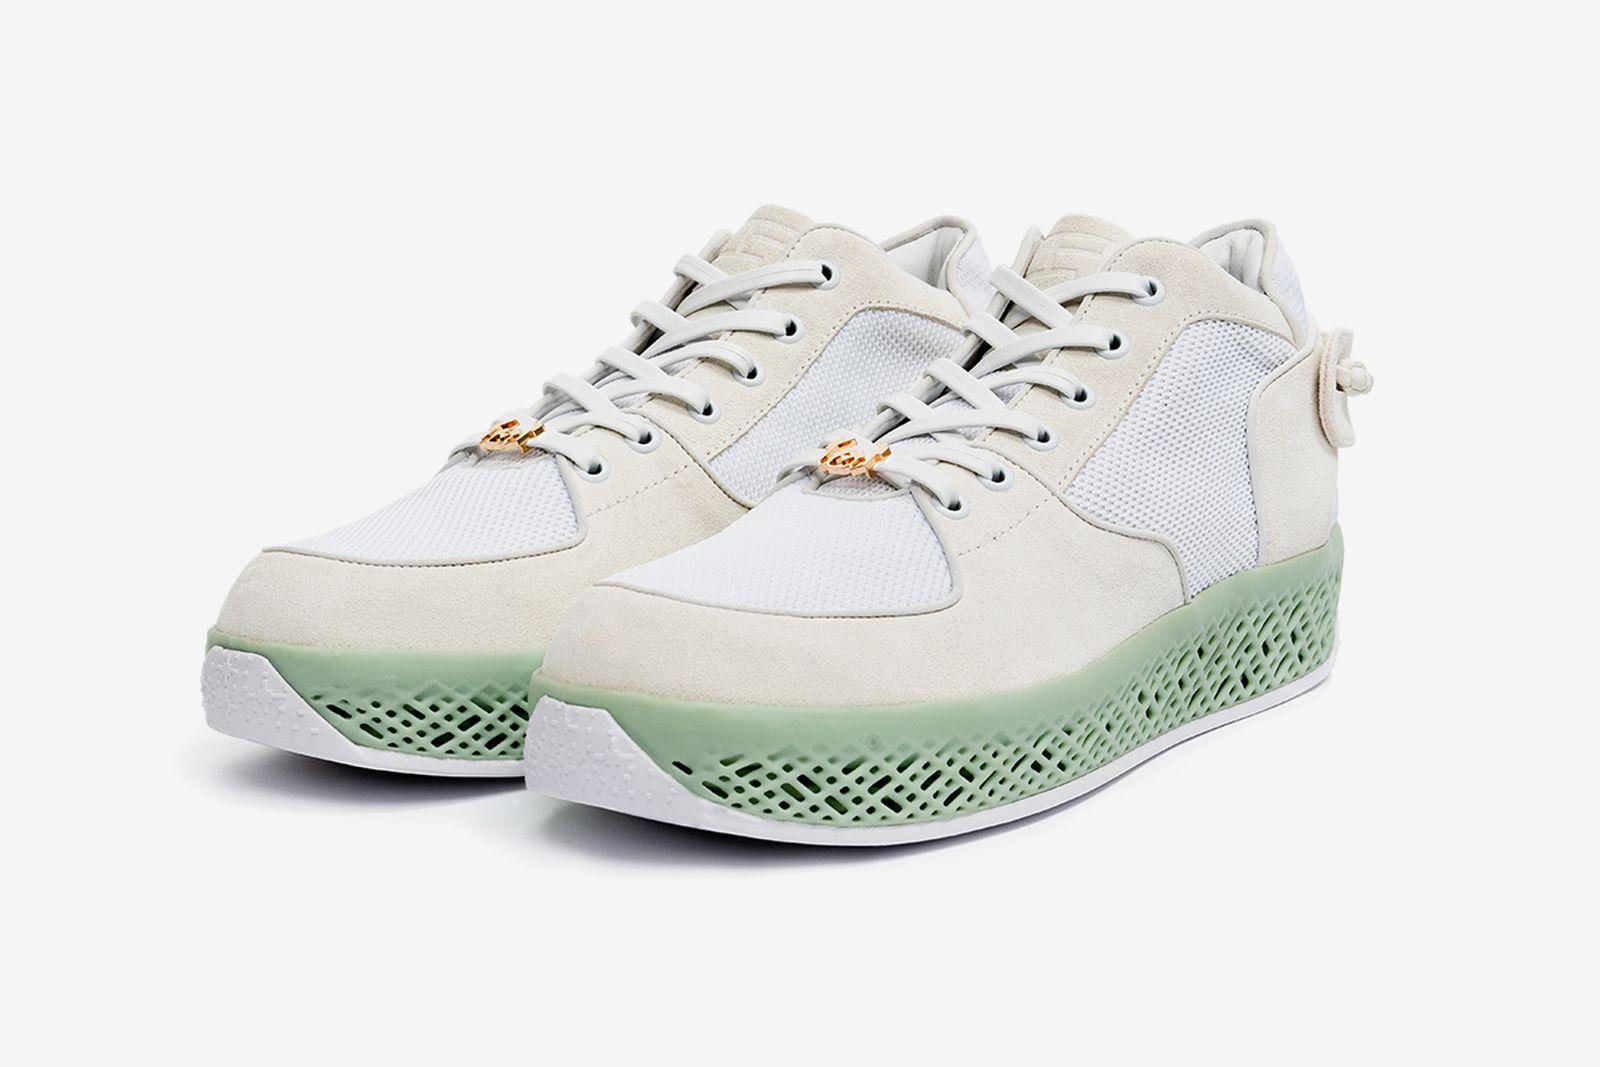 shang-zia-shuneaker-release-date-price-11